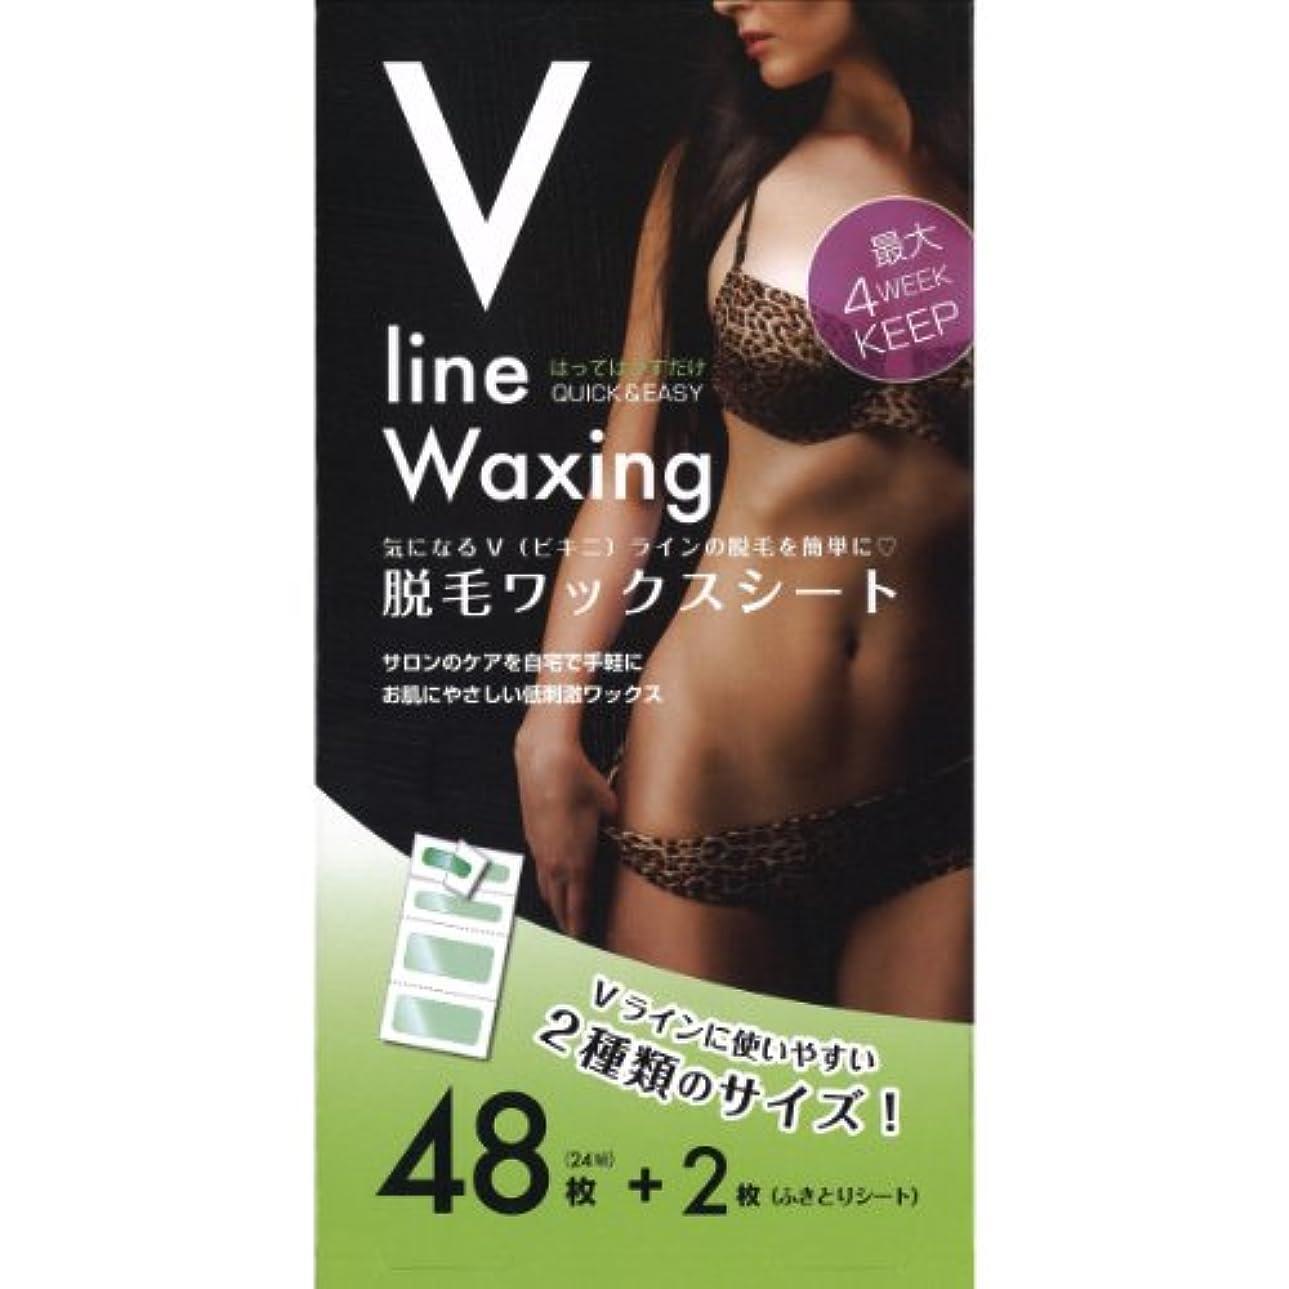 検出可能殺す深遠気になるVラインの脱毛を簡単に Vライン Waxing